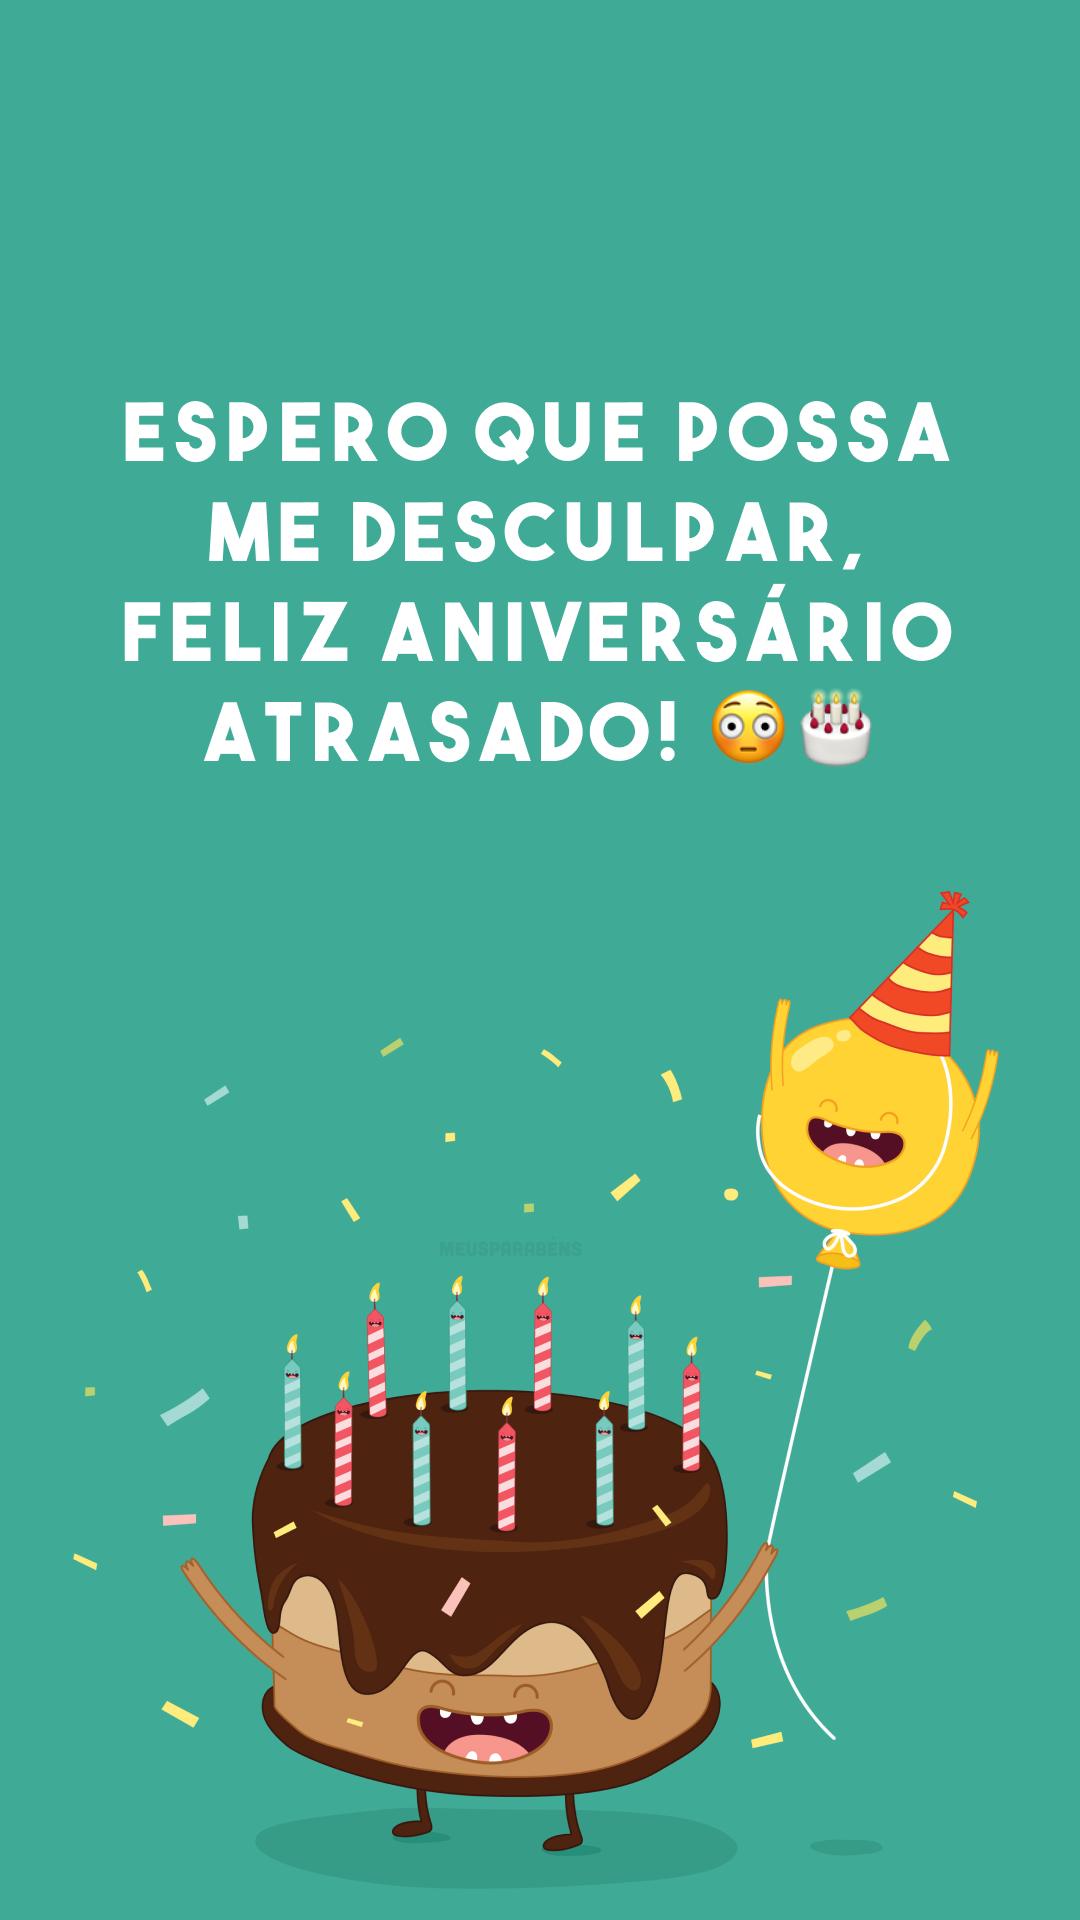 Espero que possa me desculpar, feliz aniversário atrasado! 😳🎂